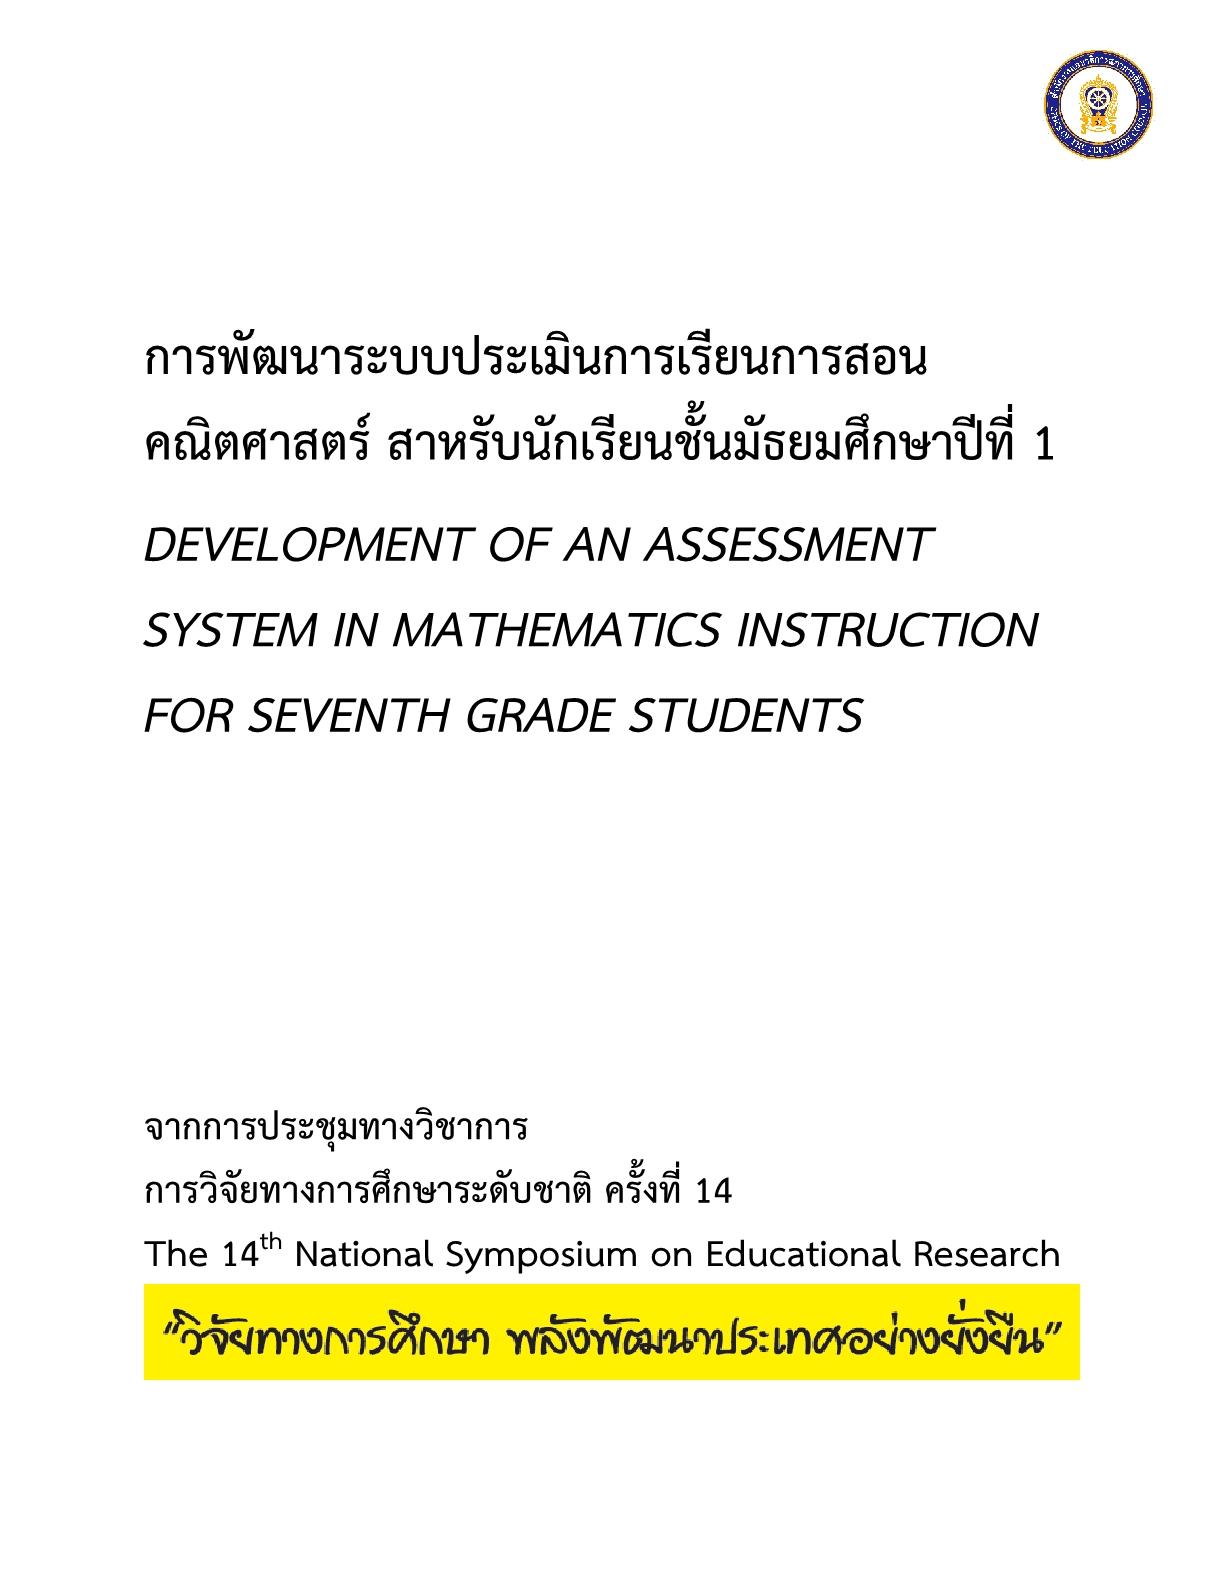 การพัฒนาระบบประเมินการเรียนการสอนคณิตศาสตร์ สำหรับนักเรียนชั้นมัธยมศึกษาปีที่ 1